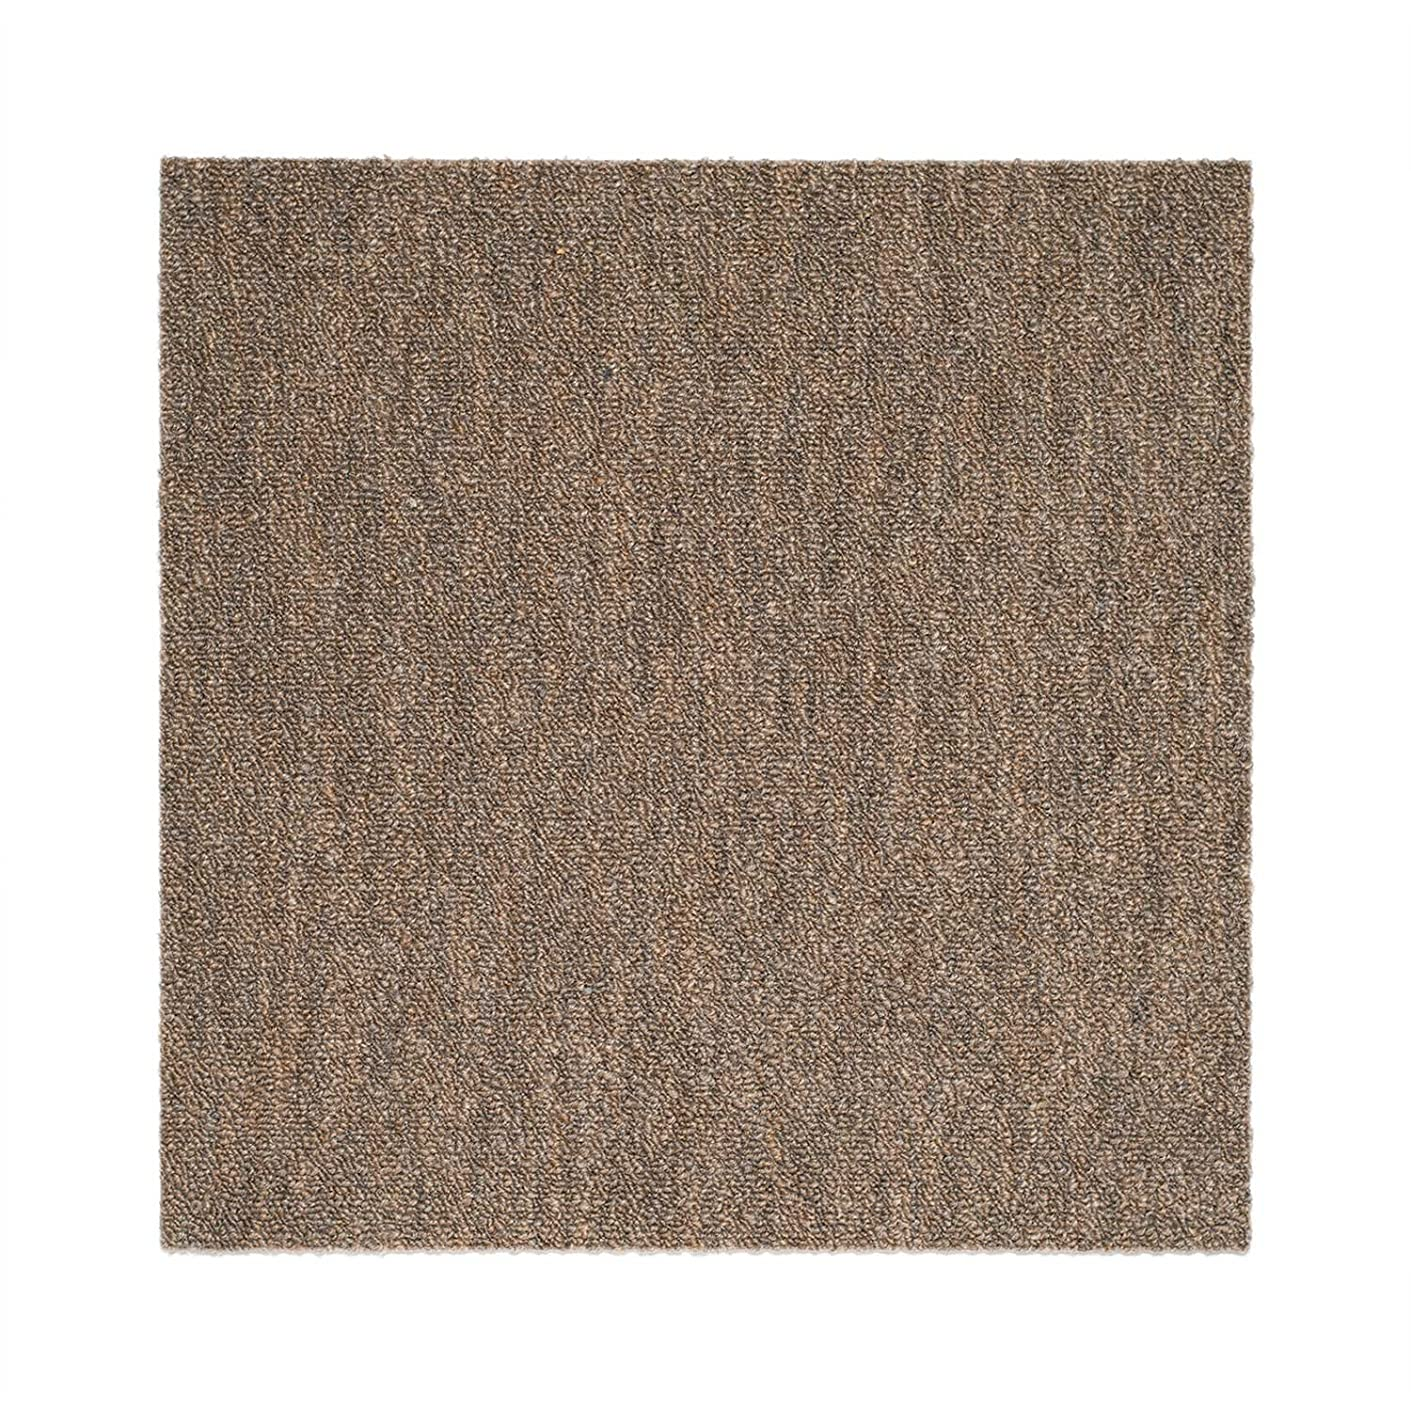 ジョージスティーブンソン滑りやすい親愛な日東紡マテリアル 静床ライト 防音マット (50cm×50cm×10枚入) 50枚セット ブラウン